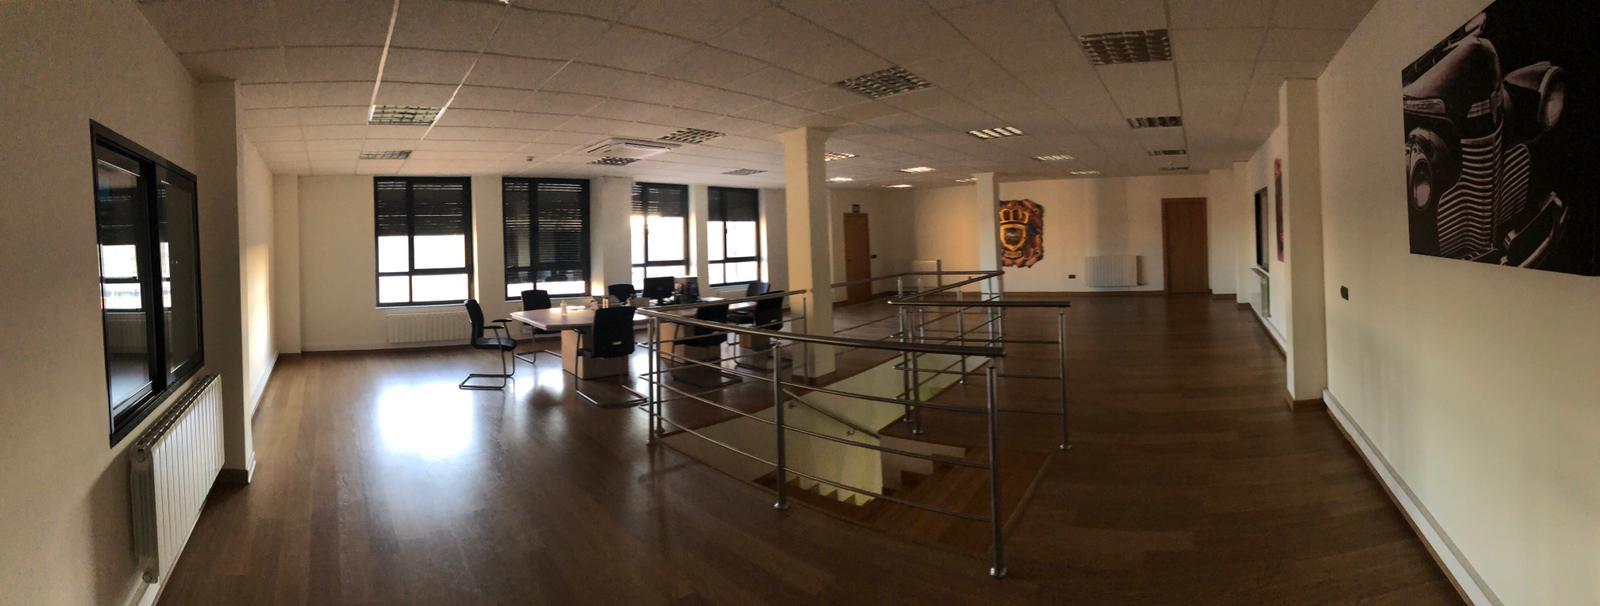 Estado inicial de los espacios de oficinas en Salamanca, proyecto interiorismo online @Utrillanais